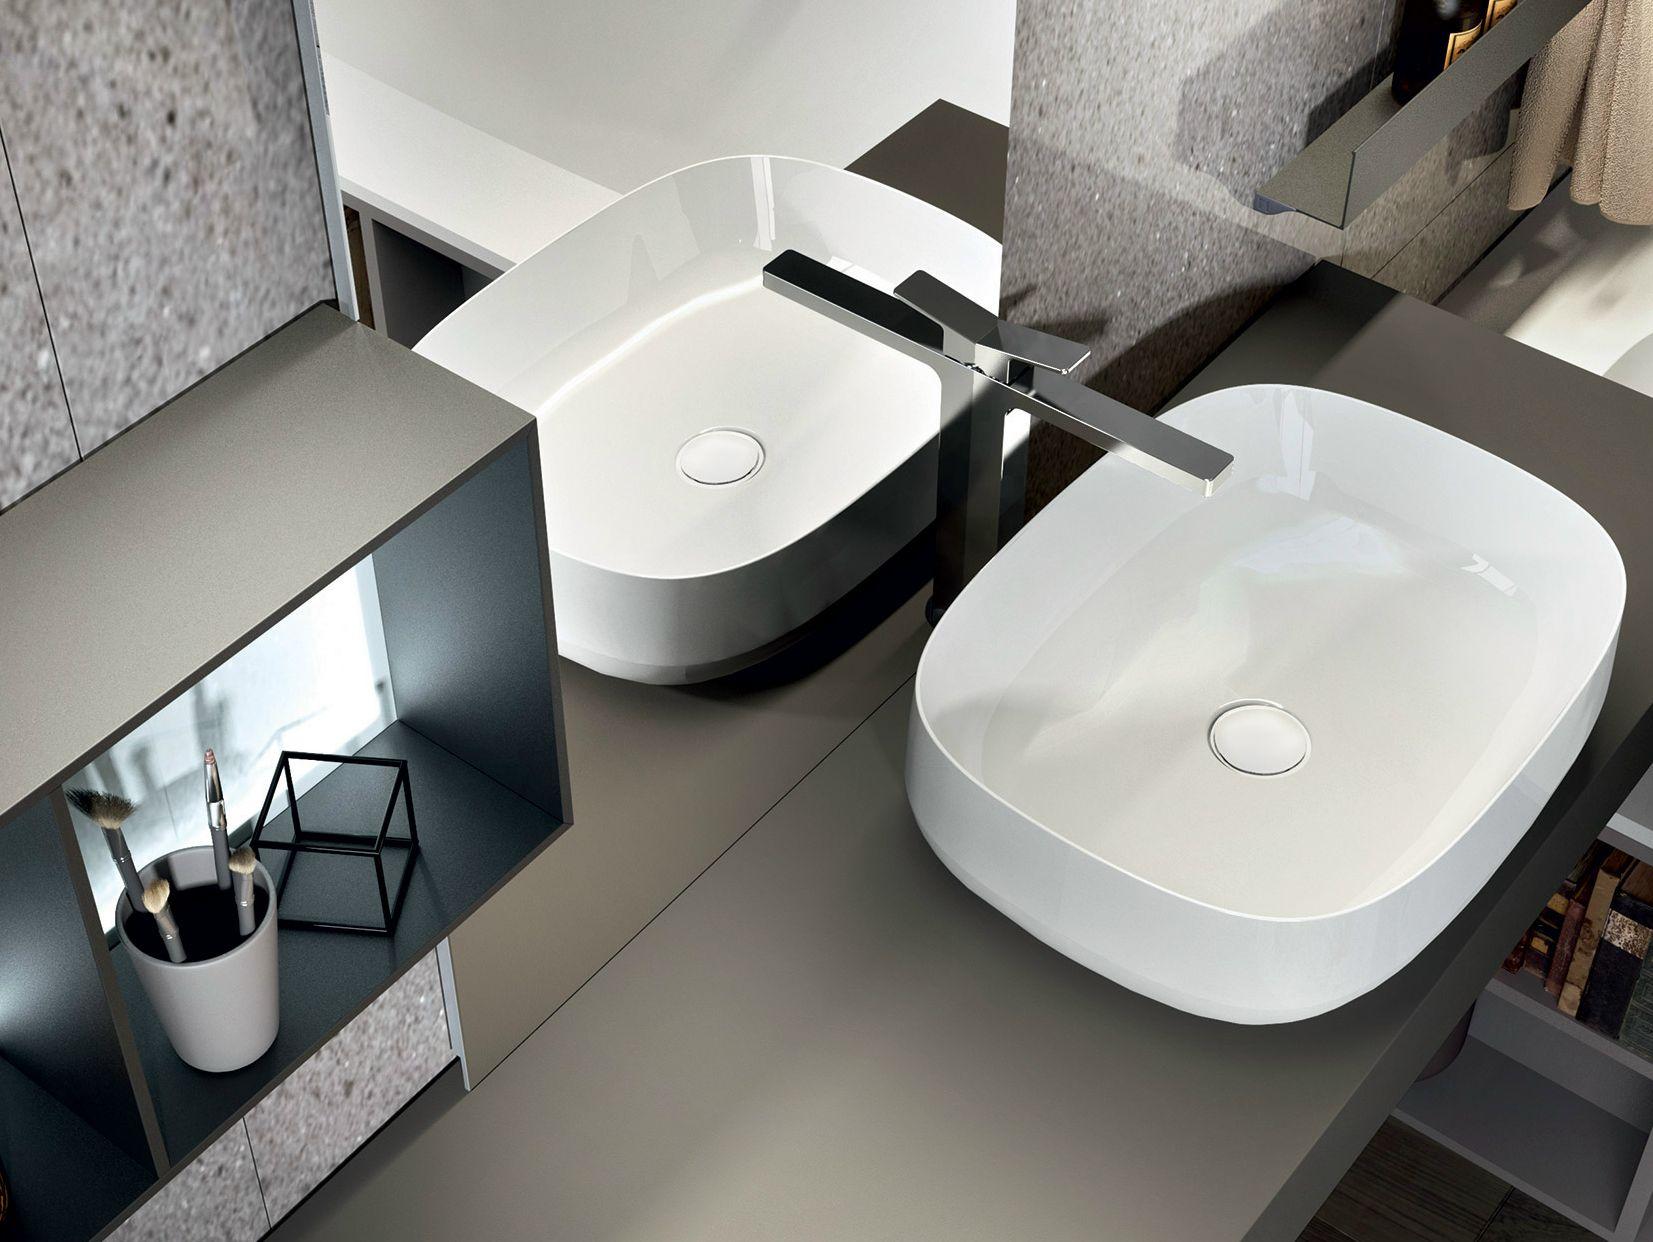 Mobile lavabo laccato sospeso con specchio nike 328 by edon by agor group - Agora mobili bagno ...